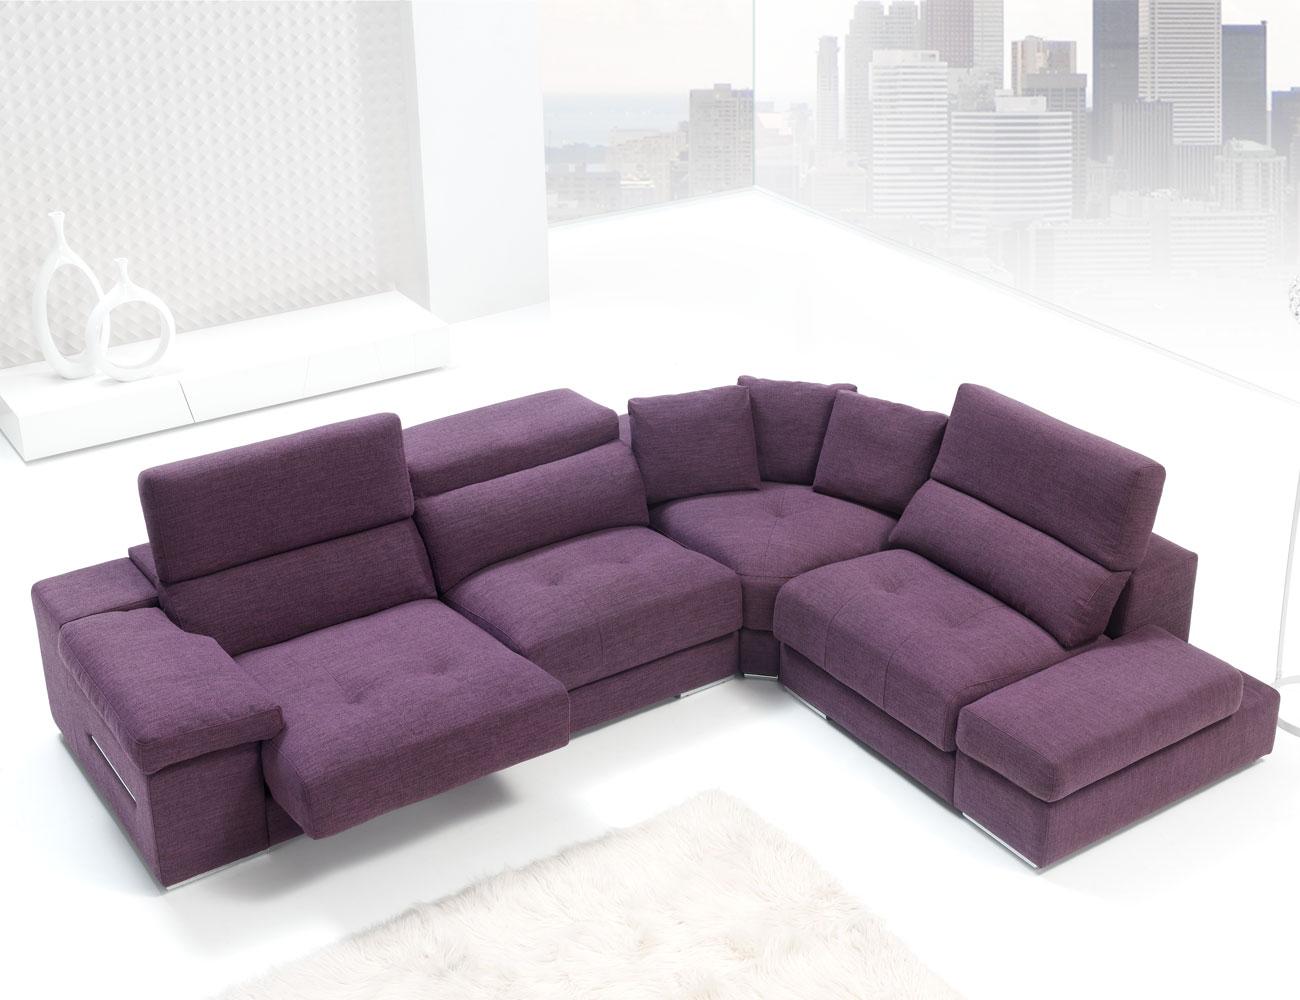 Sofa chaiselongue rincon con brazo mecanico tejido anti manchas 241